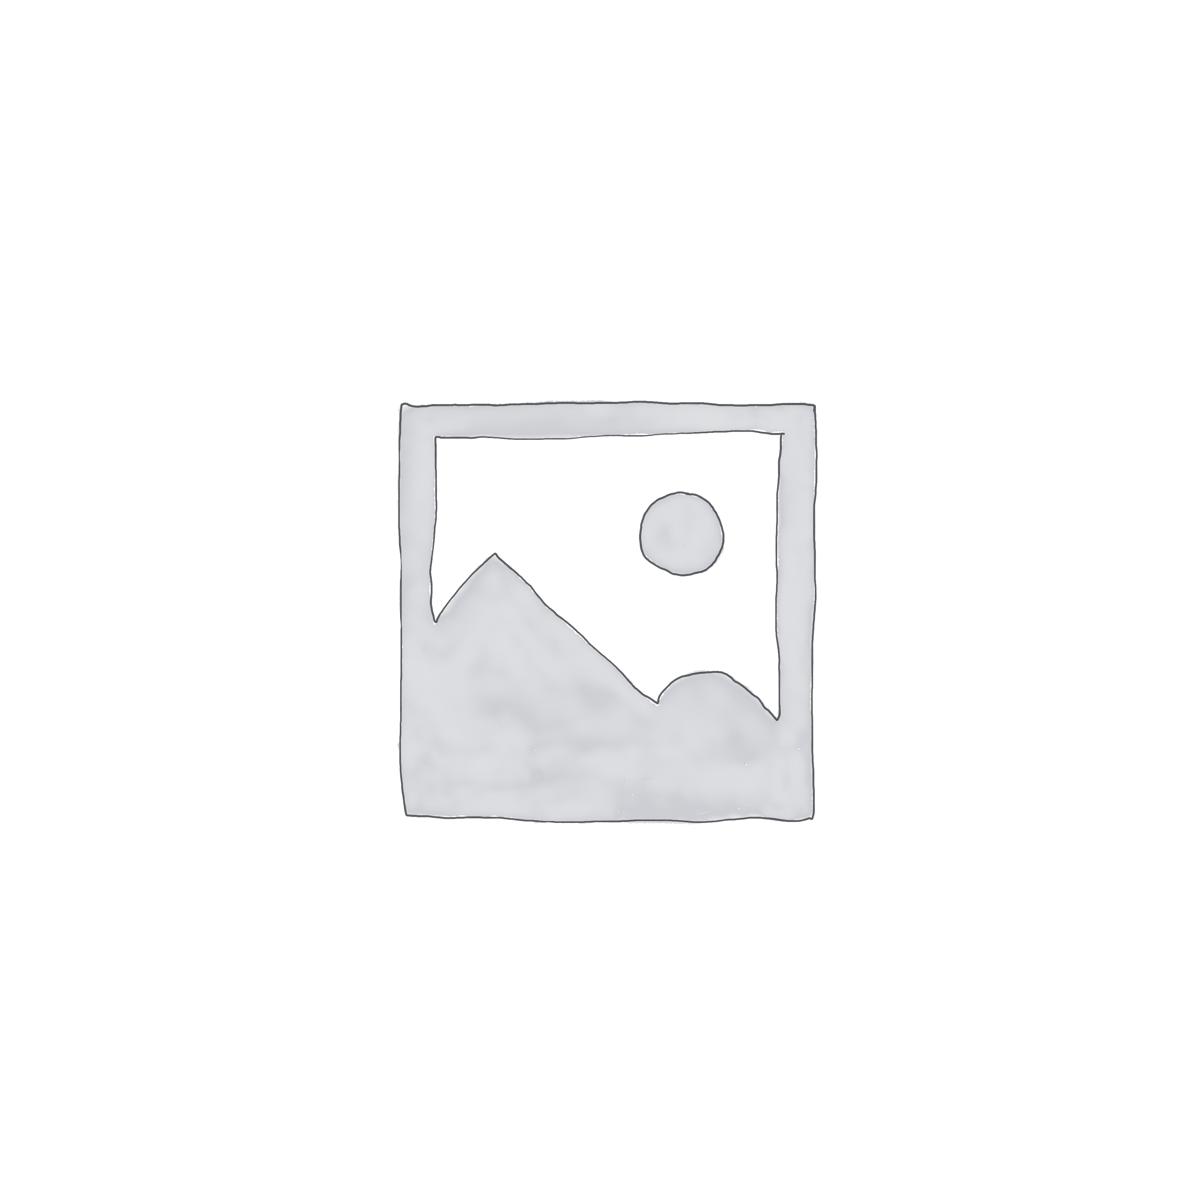 Dreamy Birds on Birch Tree Nursery Wallpaper Mural